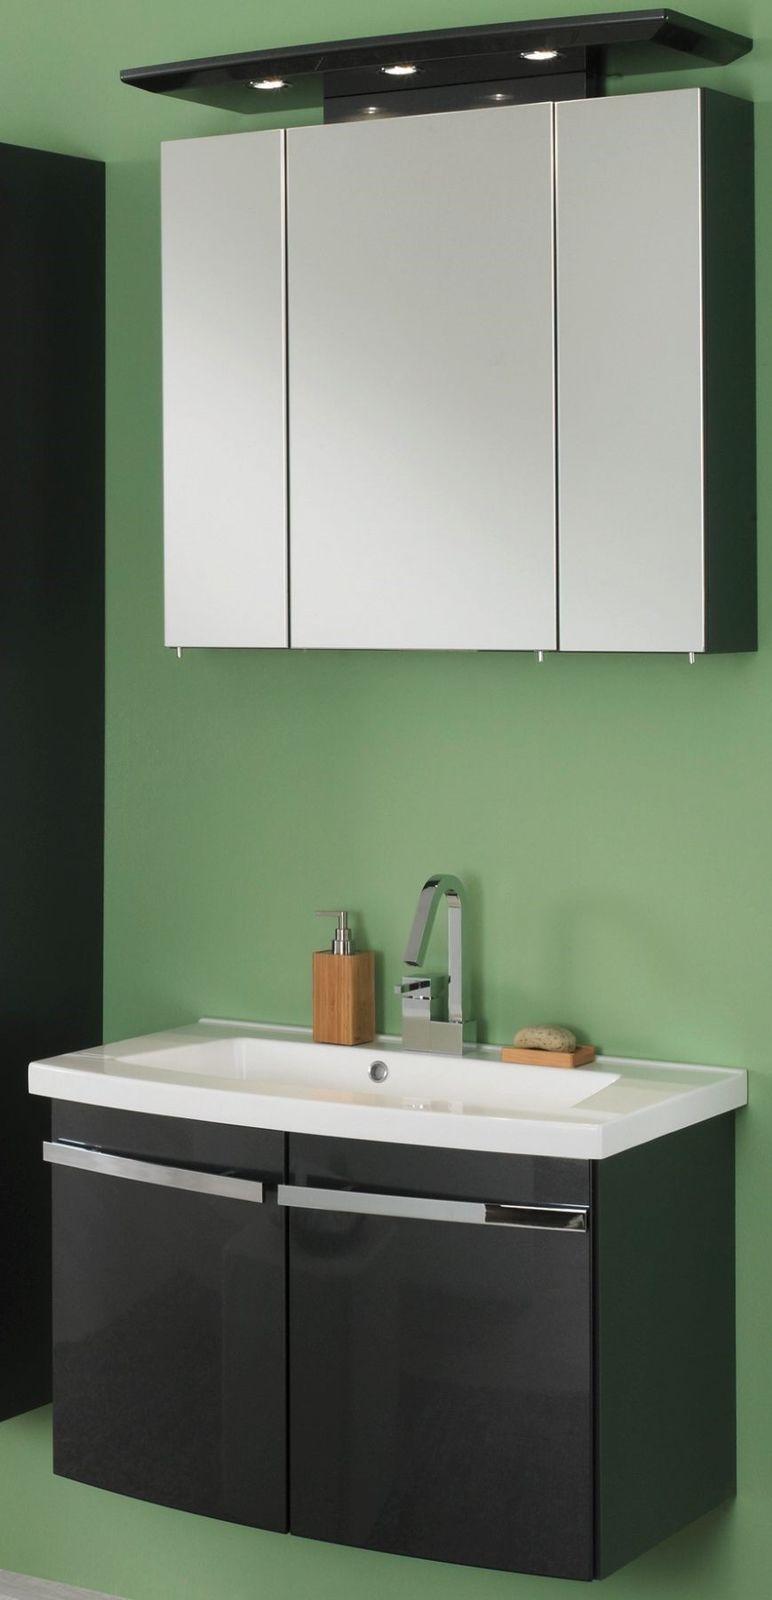 waschplatz 82 cm led spiegelschrank waschbecken badm bel waschtisch bingo 80 kaufen bei. Black Bedroom Furniture Sets. Home Design Ideas